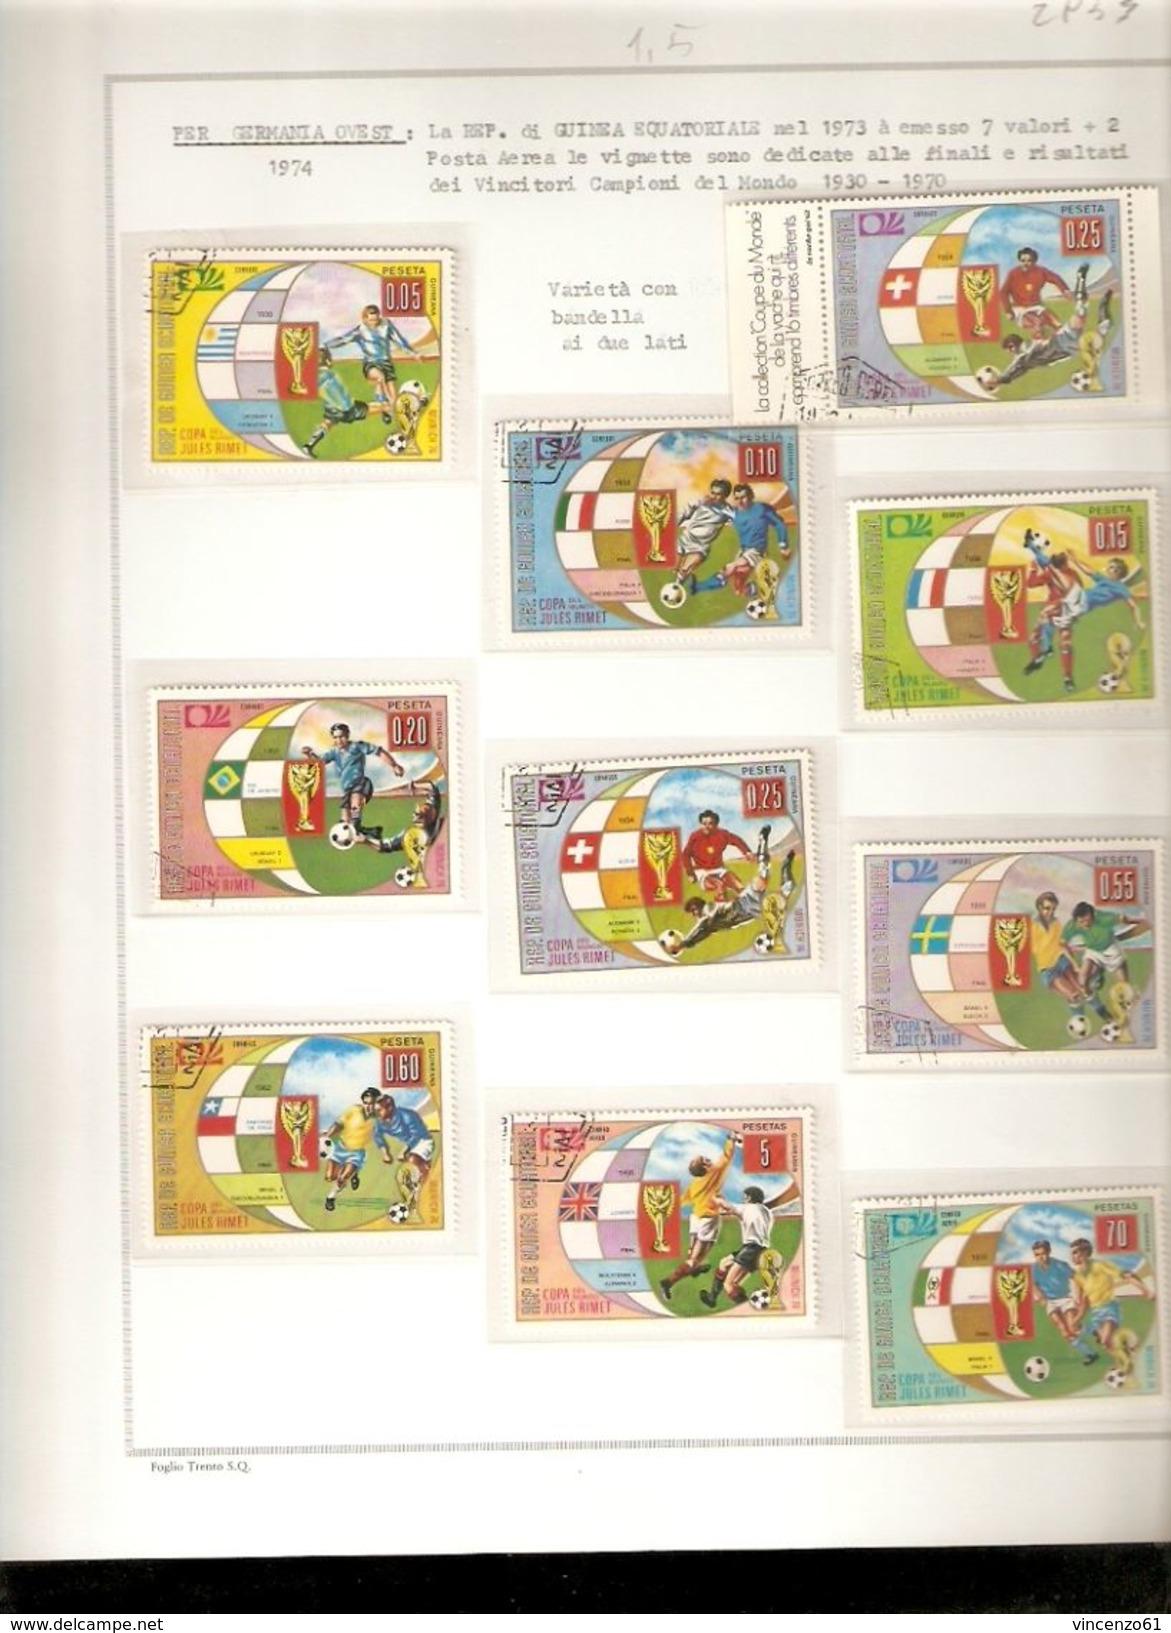 REPUBLIQUE DE GUINEA ECUATORIALE  WORLD CUP 1974 GERMANY 74 - Coppa Del Mondo